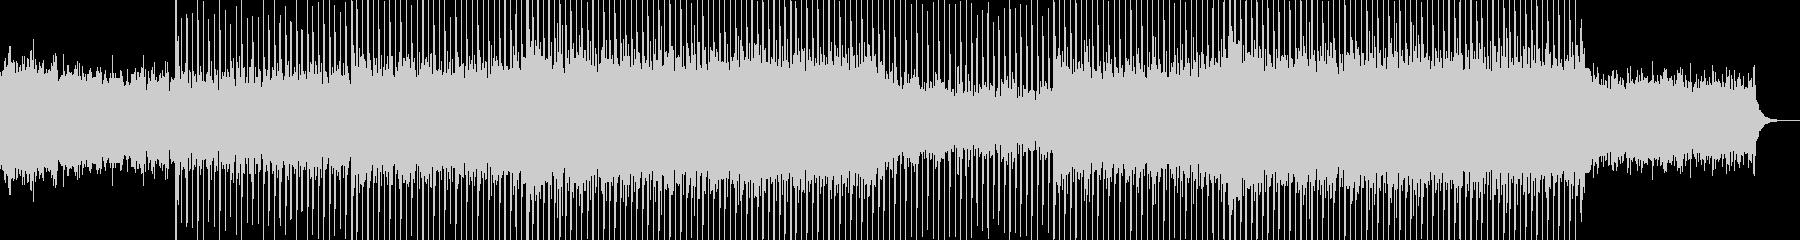 EDMクラブ系ダンスミュージック-24の未再生の波形